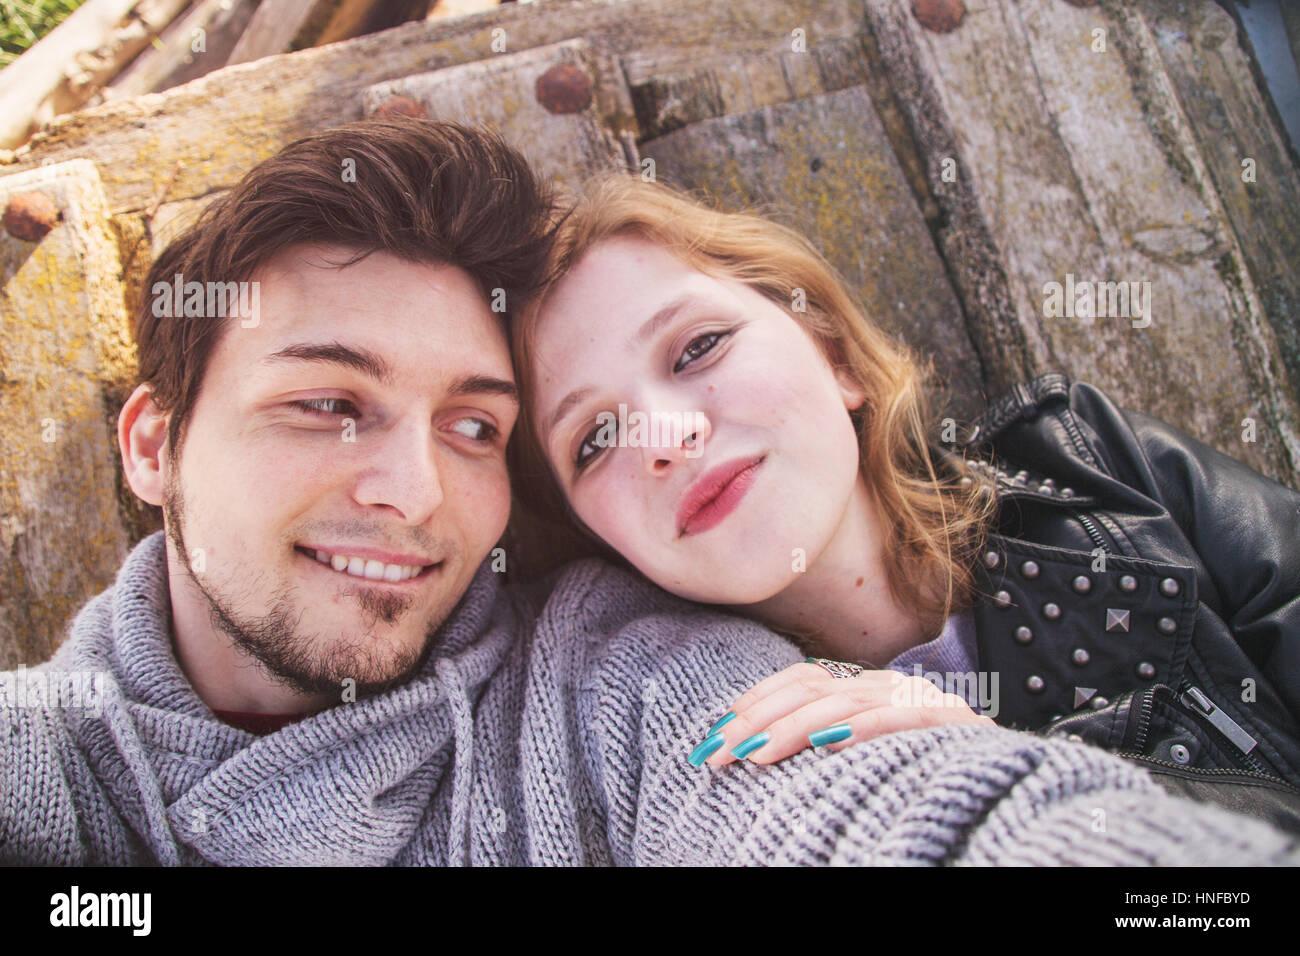 Pareja joven divirtiéndose y grandes momentos juntos Imagen De Stock